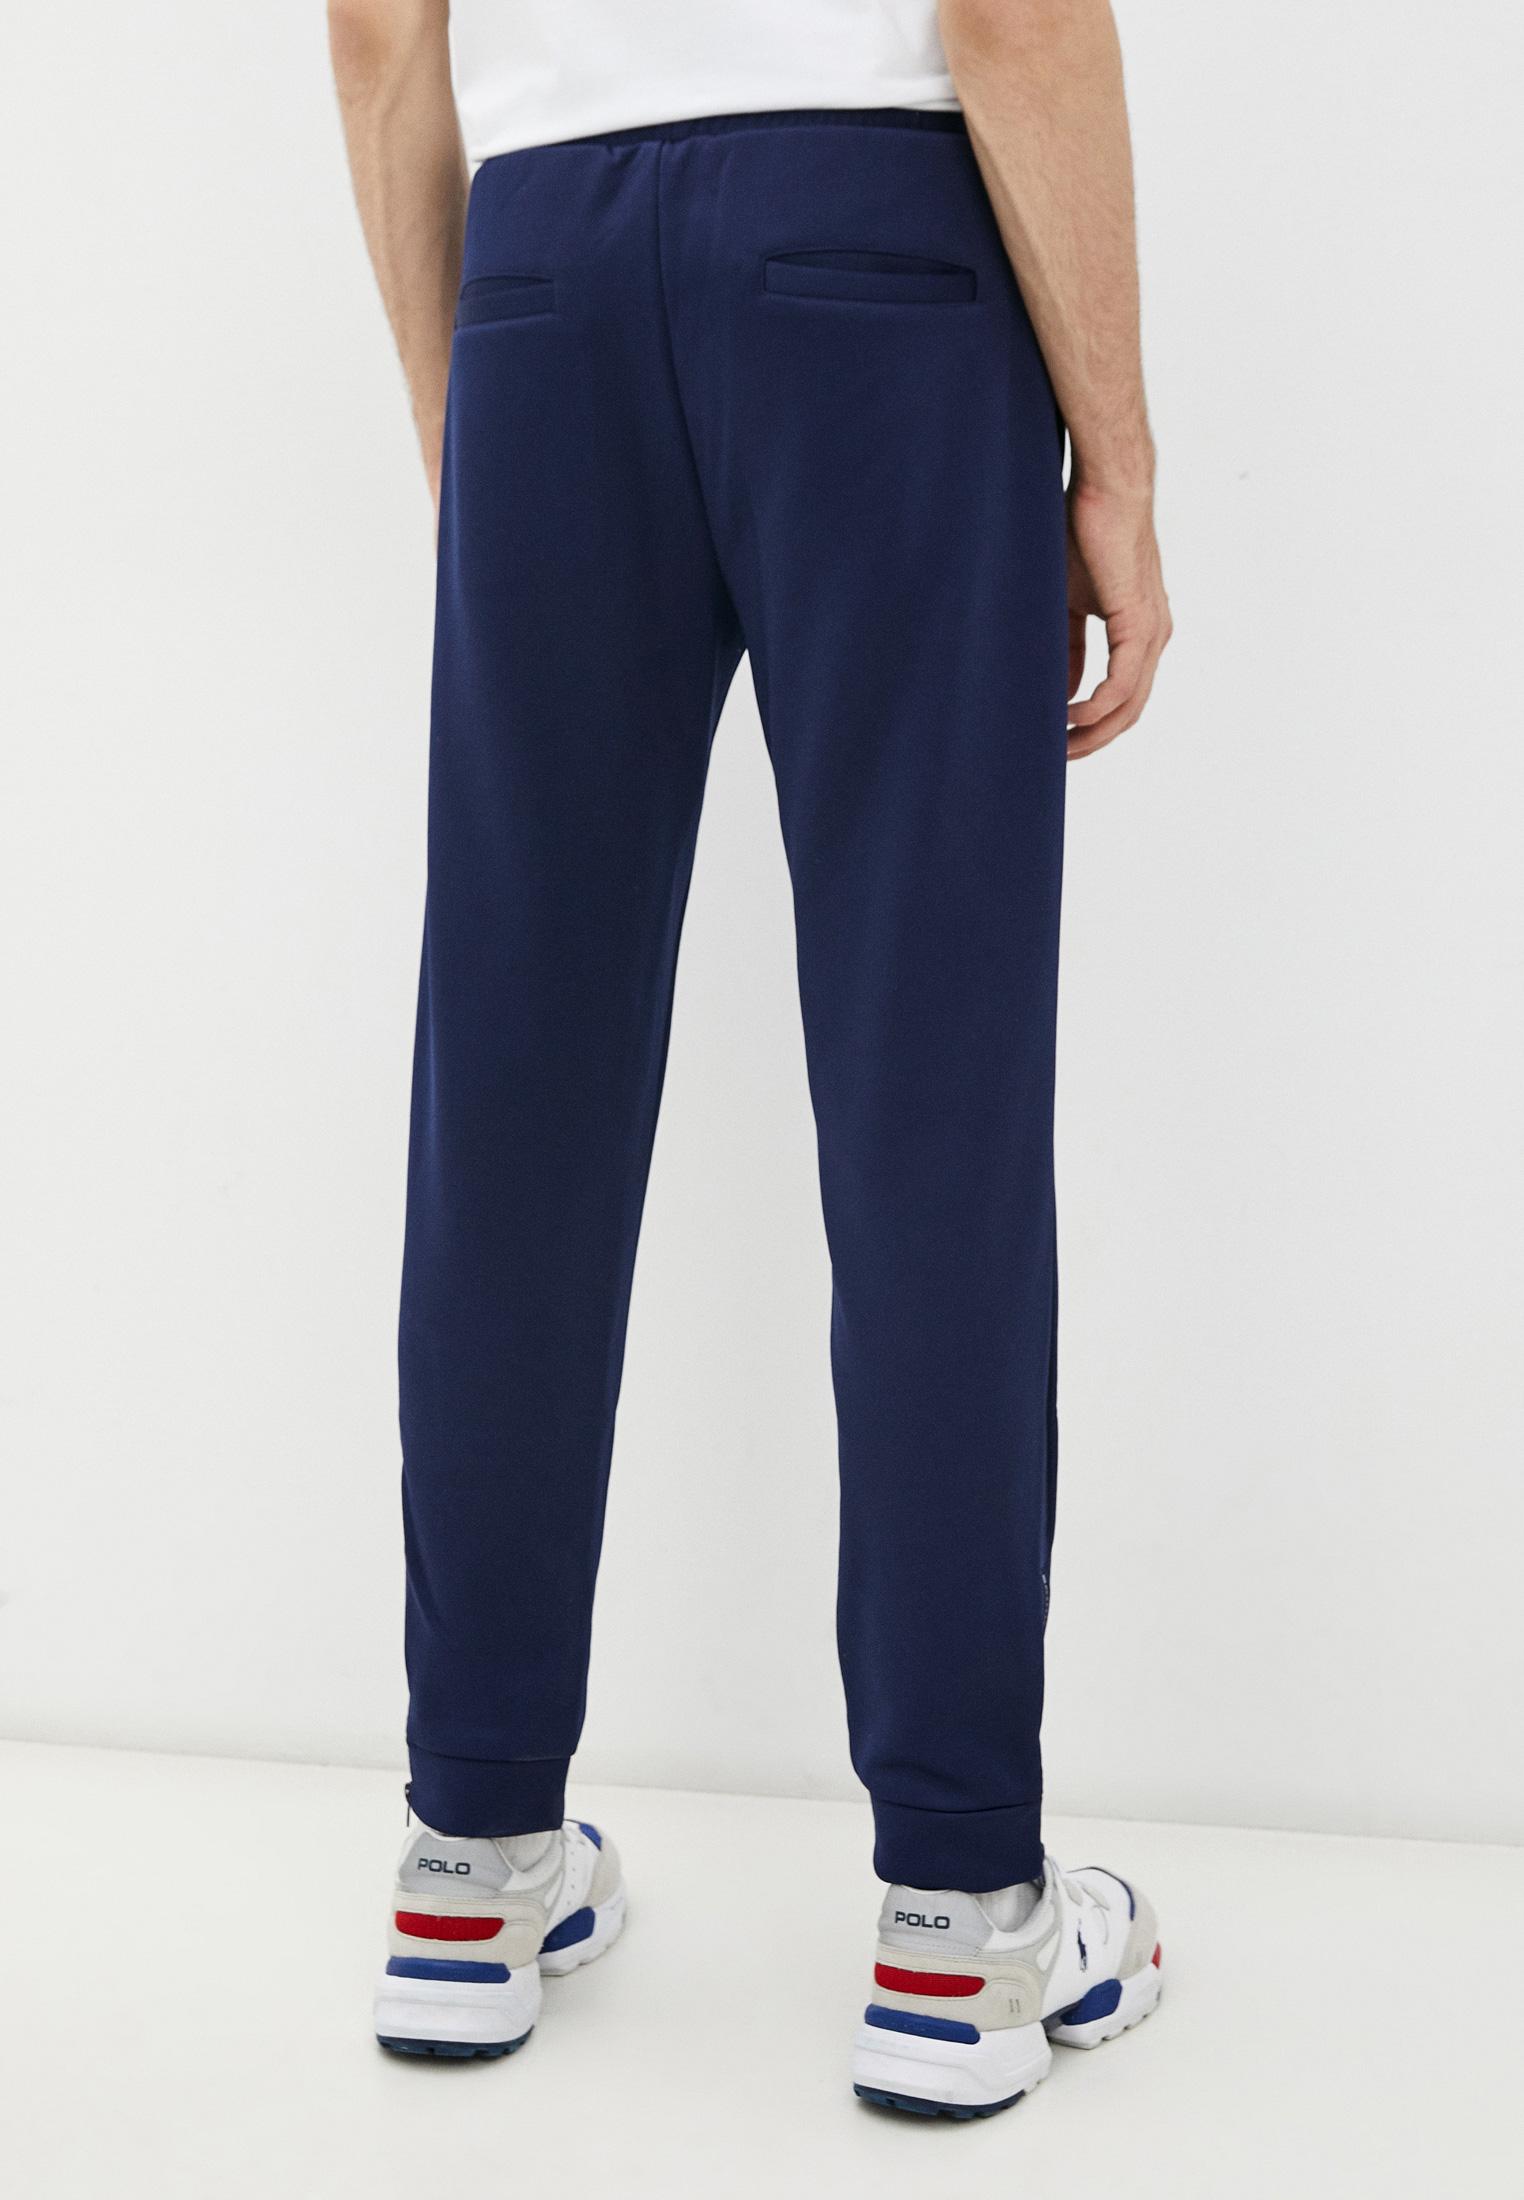 Мужские повседневные брюки Bikkembergs (Биккембергс) C 1 025 01 M 3816: изображение 4